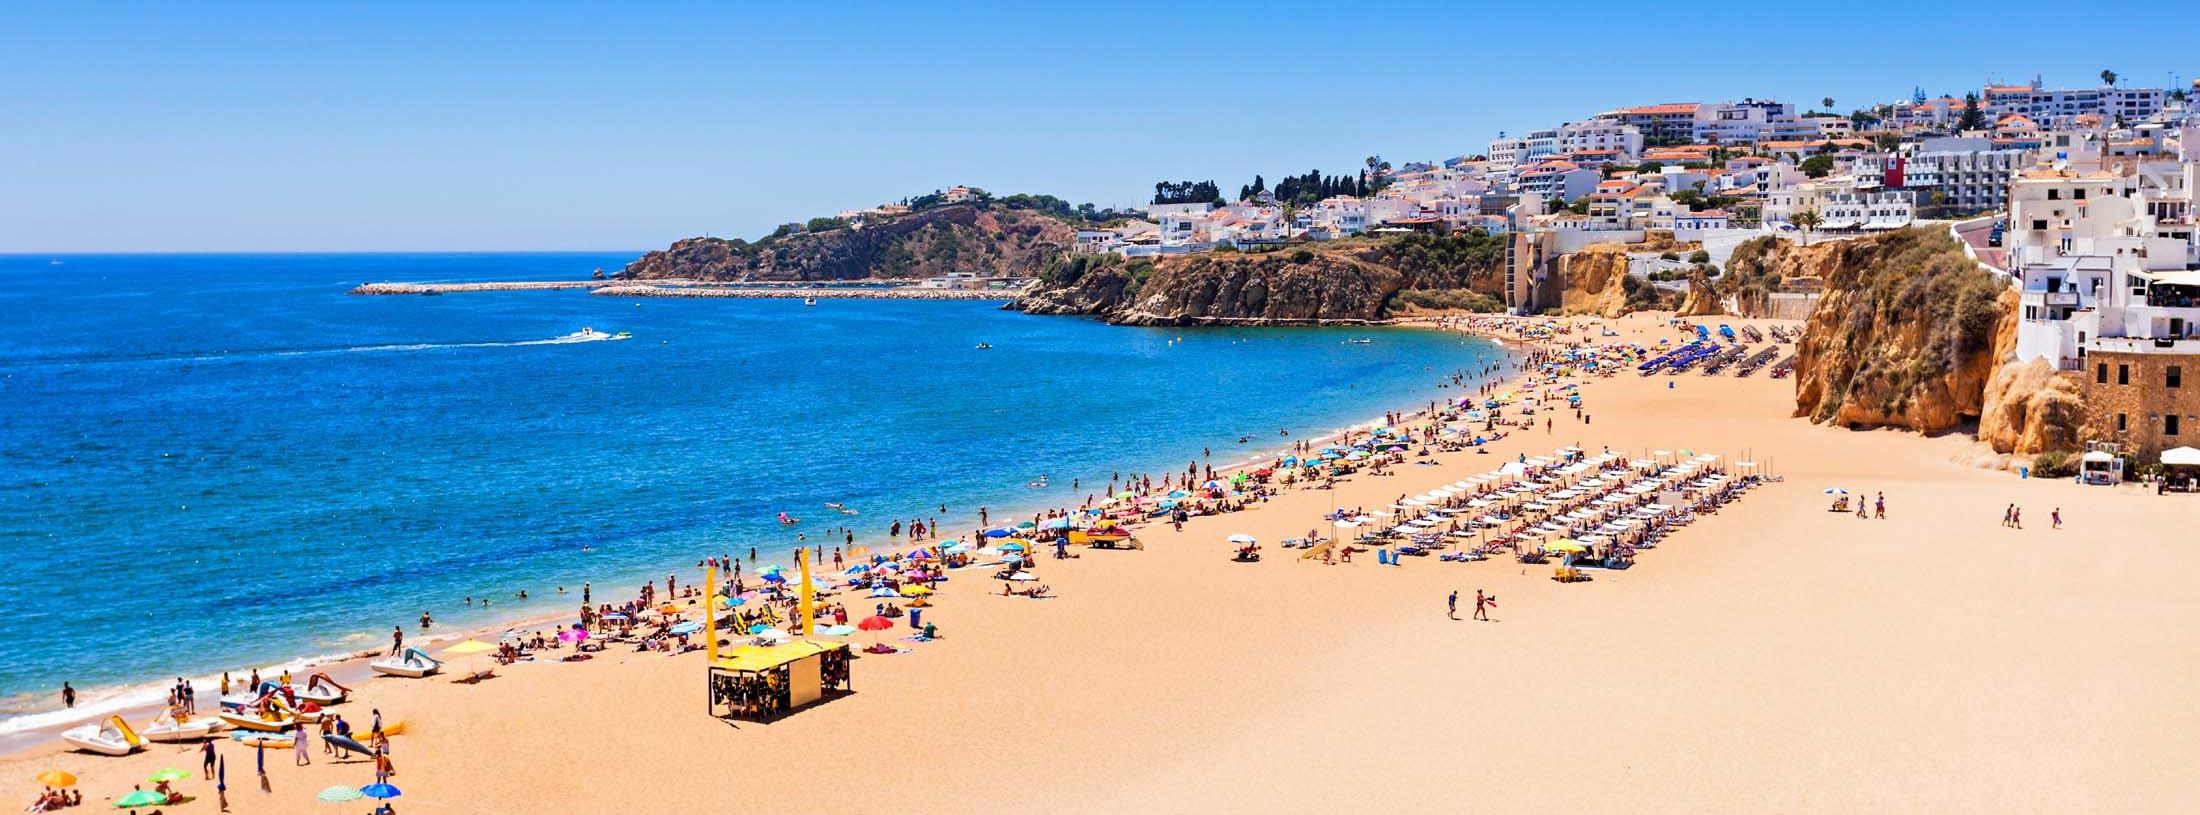 Urlaub Portugal Flug Und Hotel